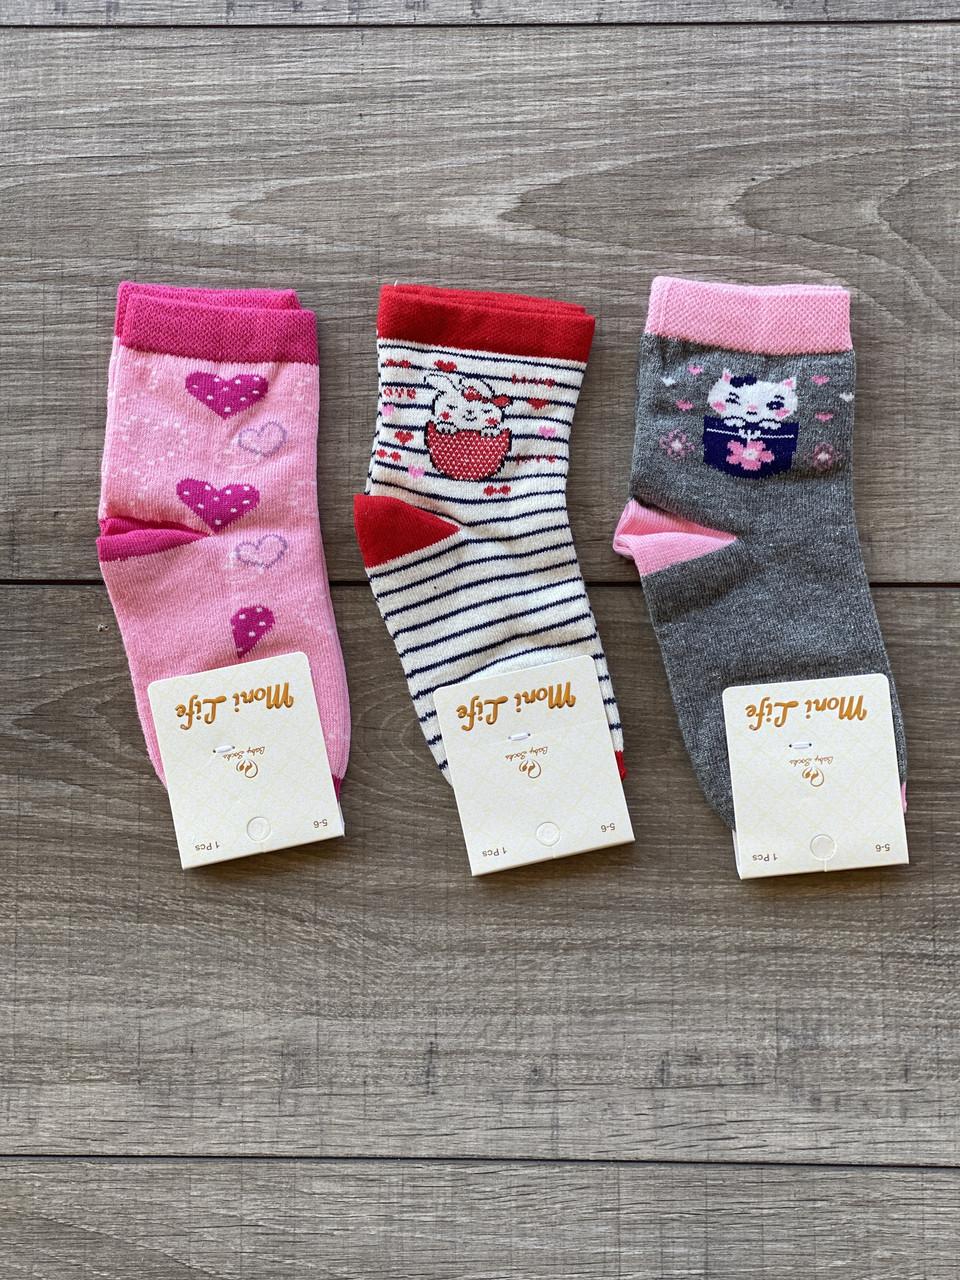 Підліткові шкарпетки Moni Life дитячі бавовна для дівчаток 5-6,7-8 років 12 шт в уп мікс кольорів